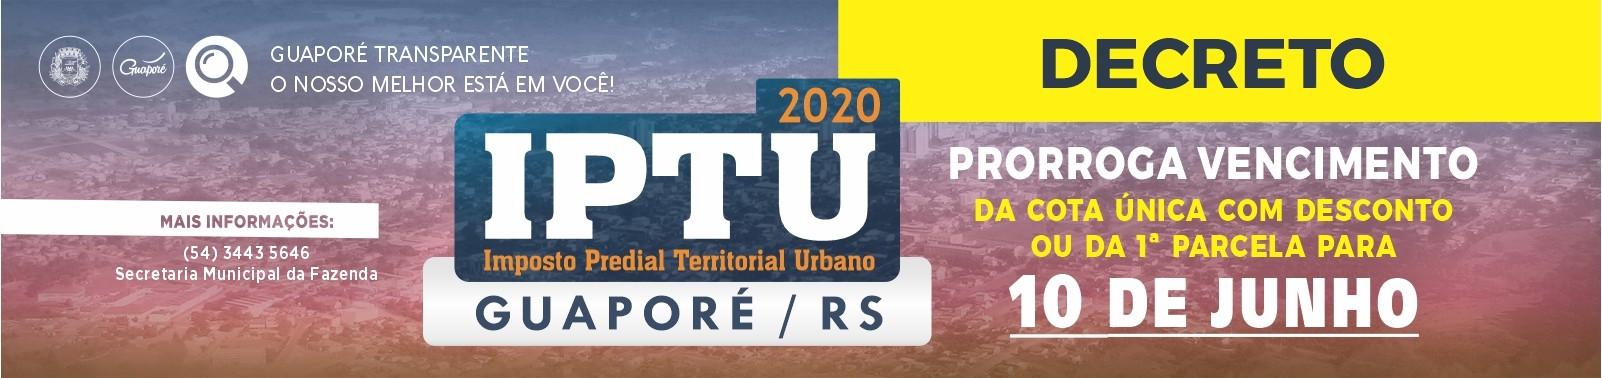 Banner 5 - IPTU - 2